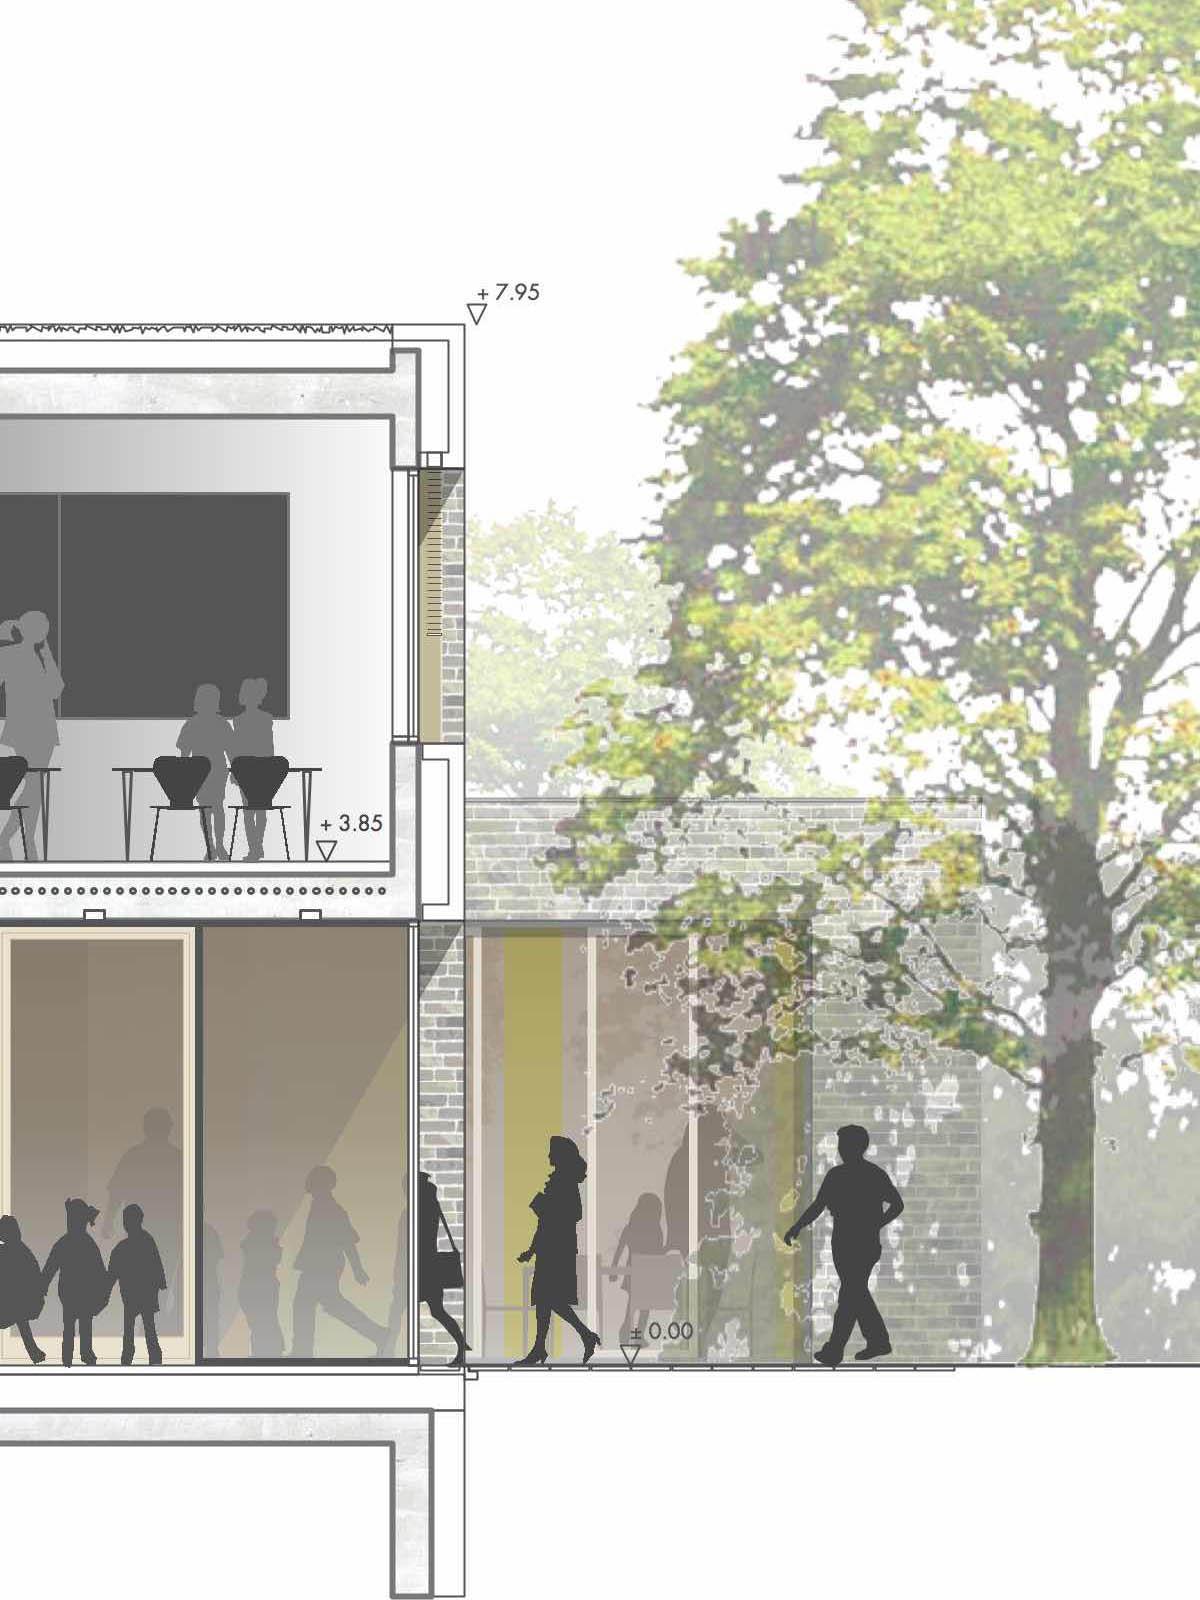 Detail-Wettbewerb-Grundschule Bad Soden-4.Preis-2011-© Friedrich-Poerschke-Zwink-Architekten